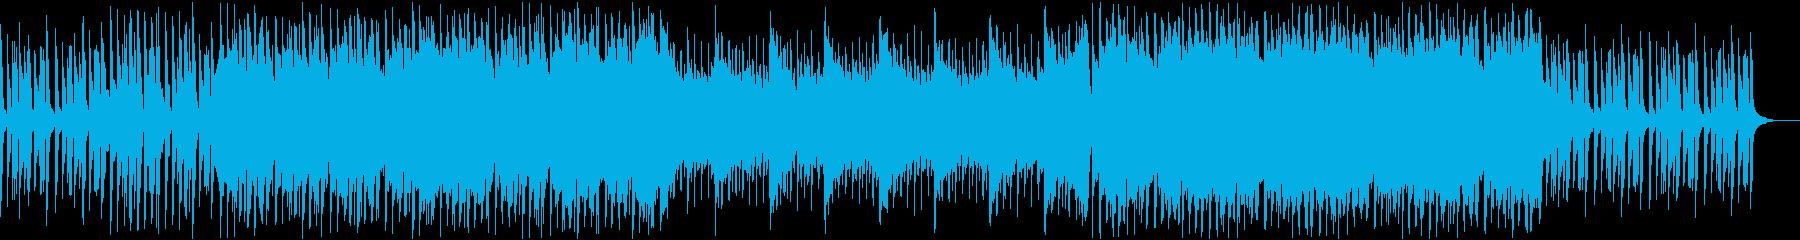 ノスタルジック・星空・感動の再生済みの波形